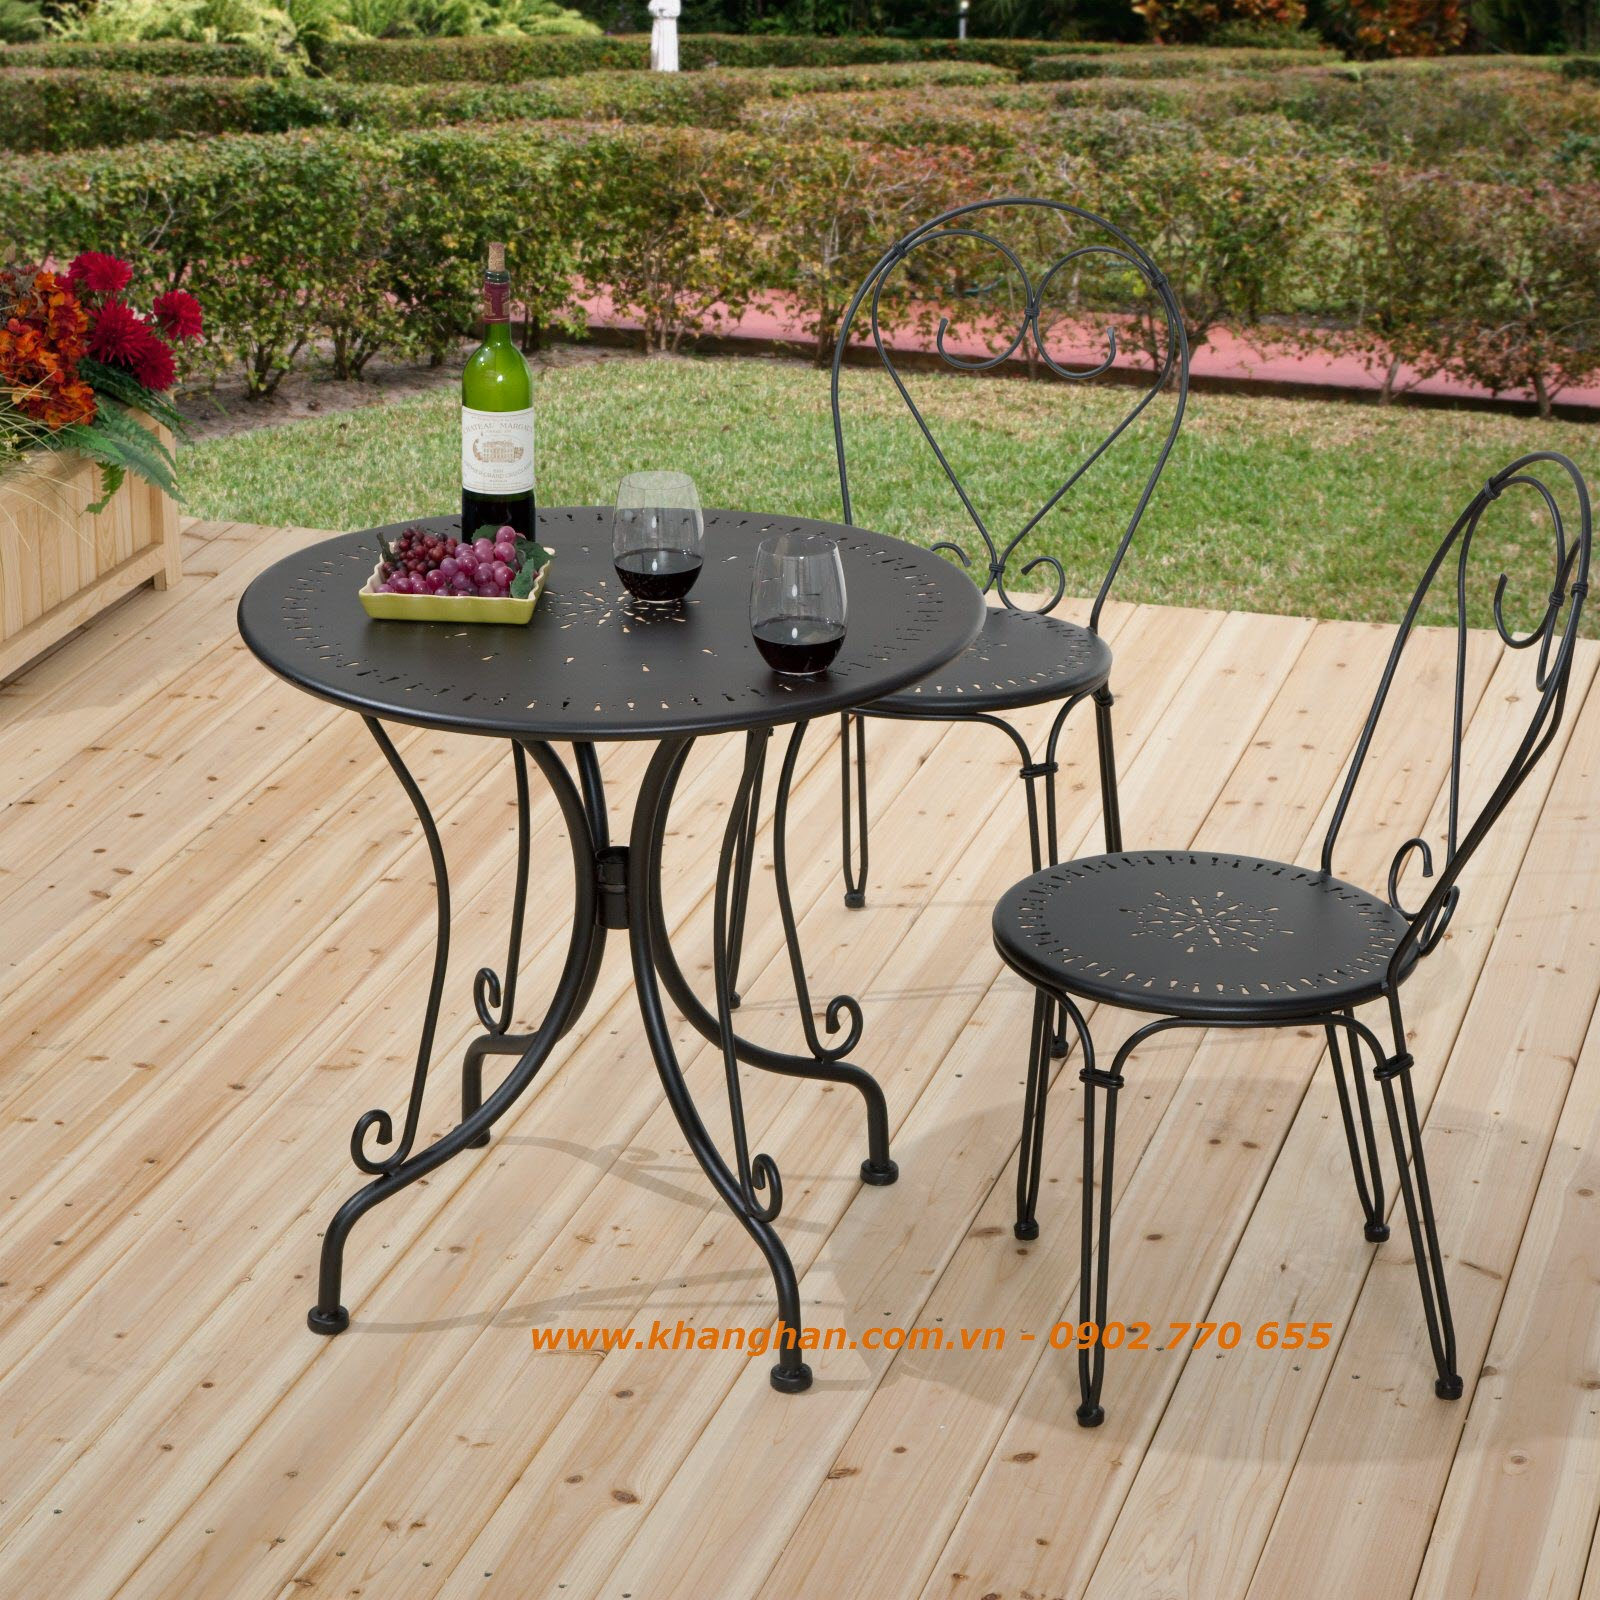 Bàn ghế sắt mỹ thuật đẹp cho sân vườn